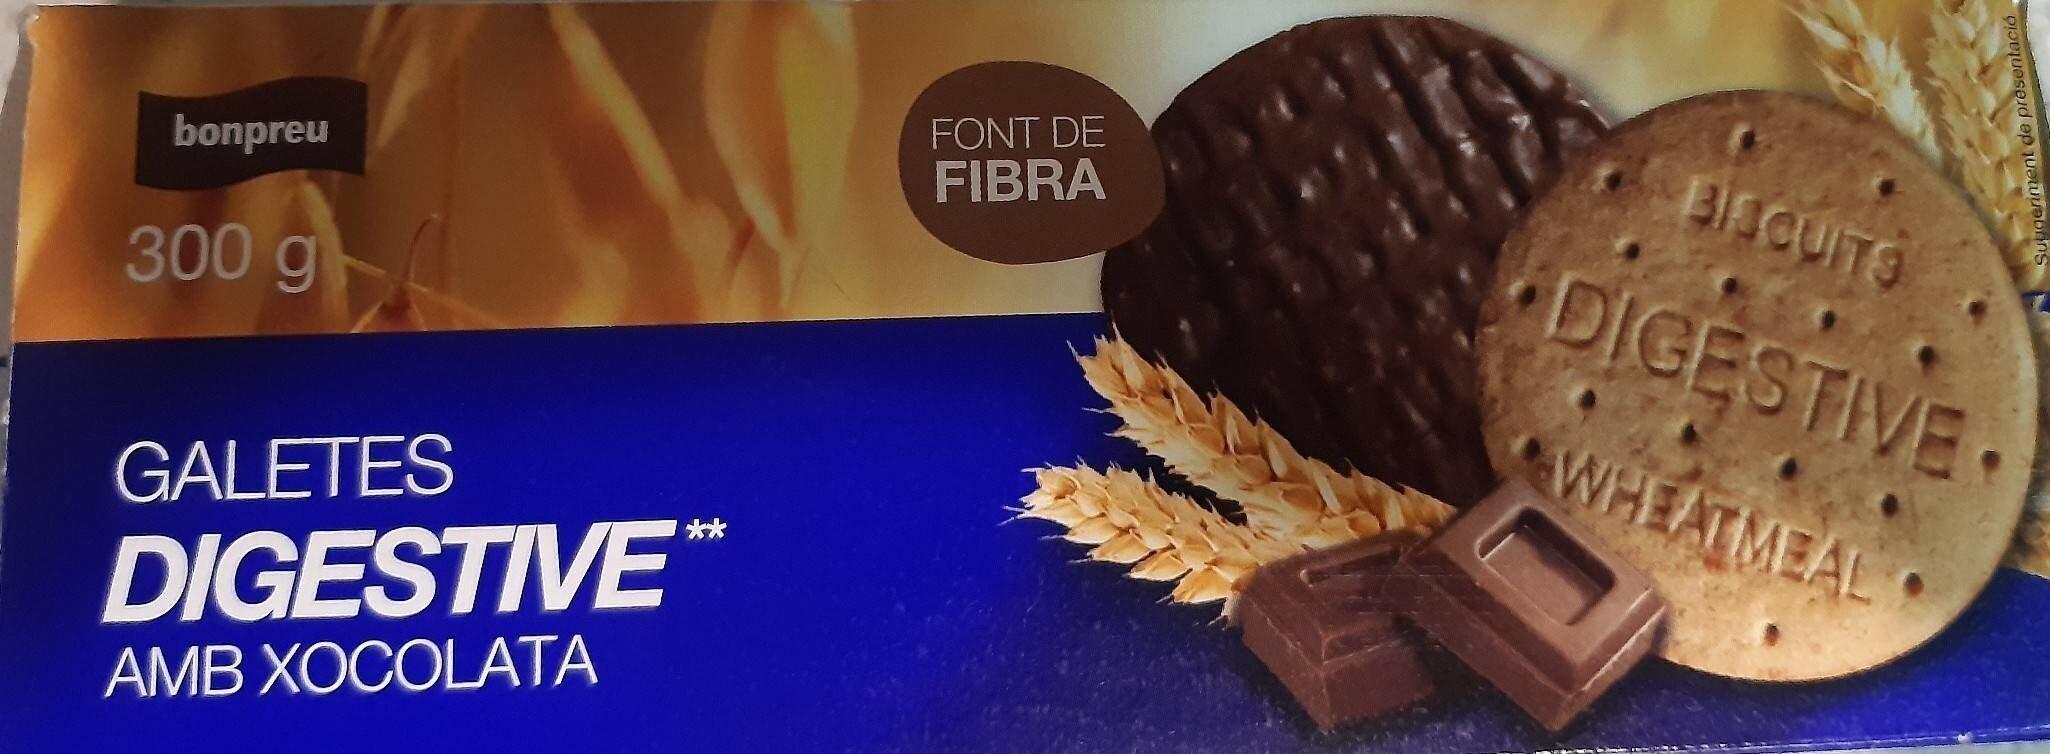 Galletas digestive con chocolate - Product - es